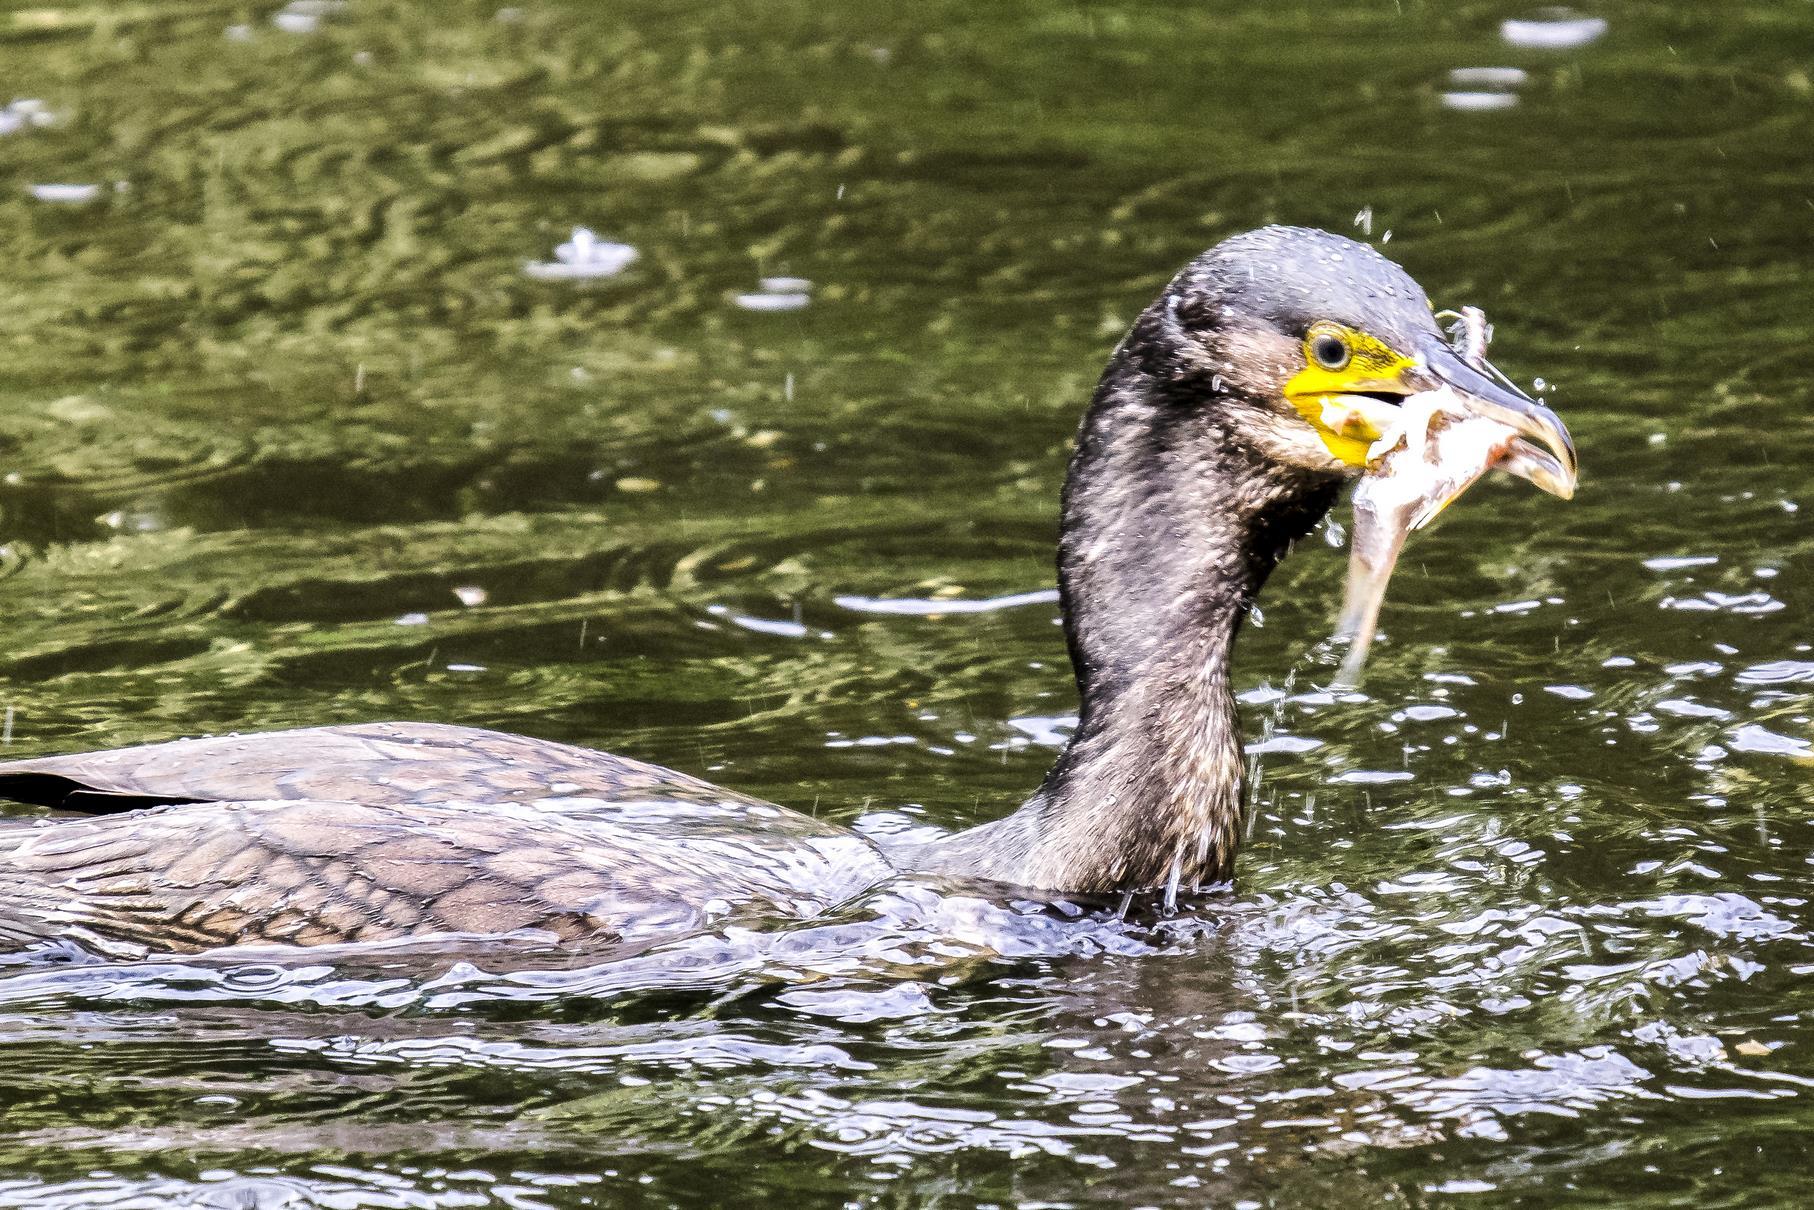 Ein Kormoran mit einem Fisch im Schnabel.